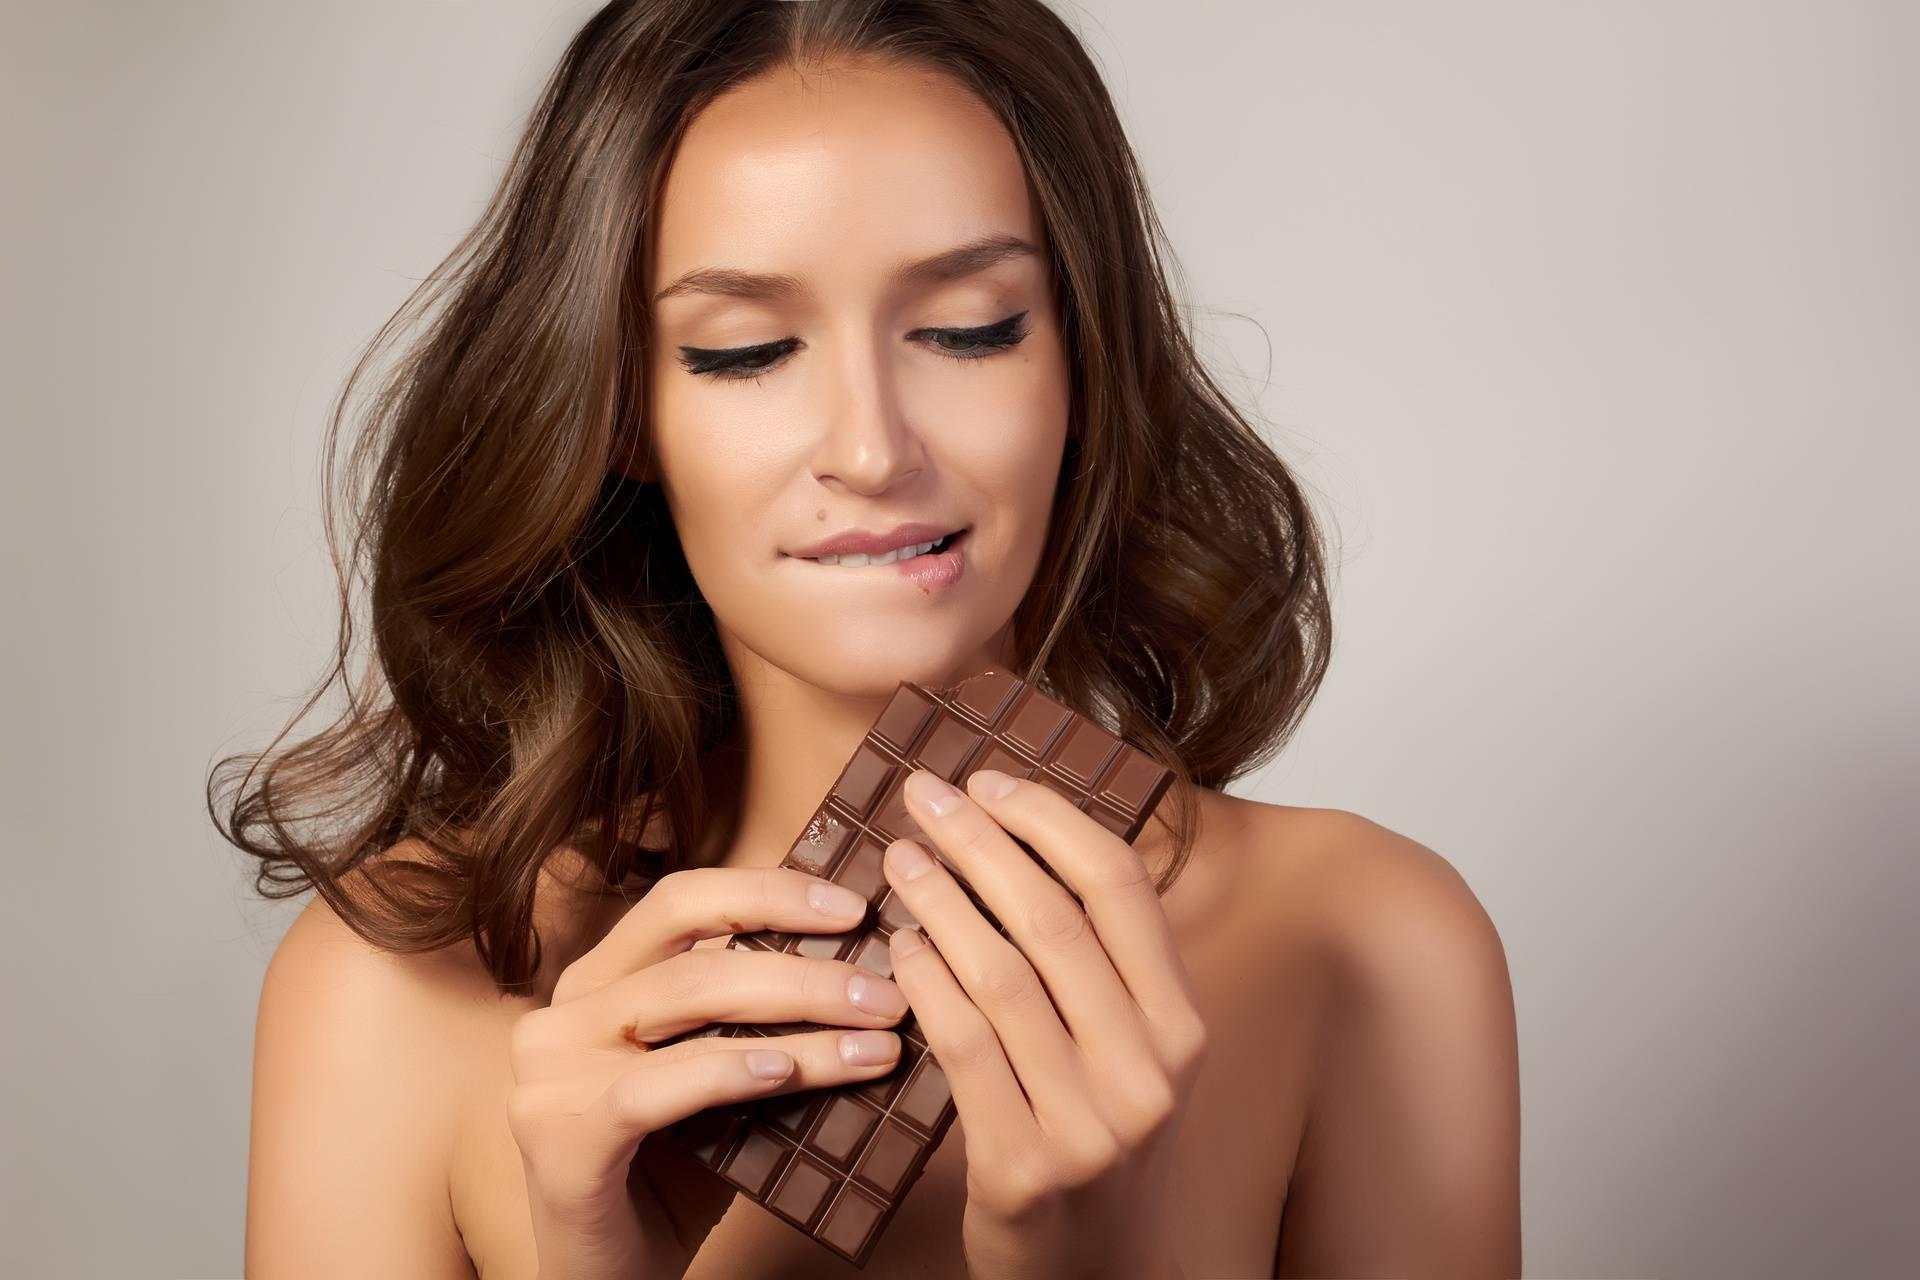 'Ne' još jednom redu: Evo što se događa zbog previše čokolade